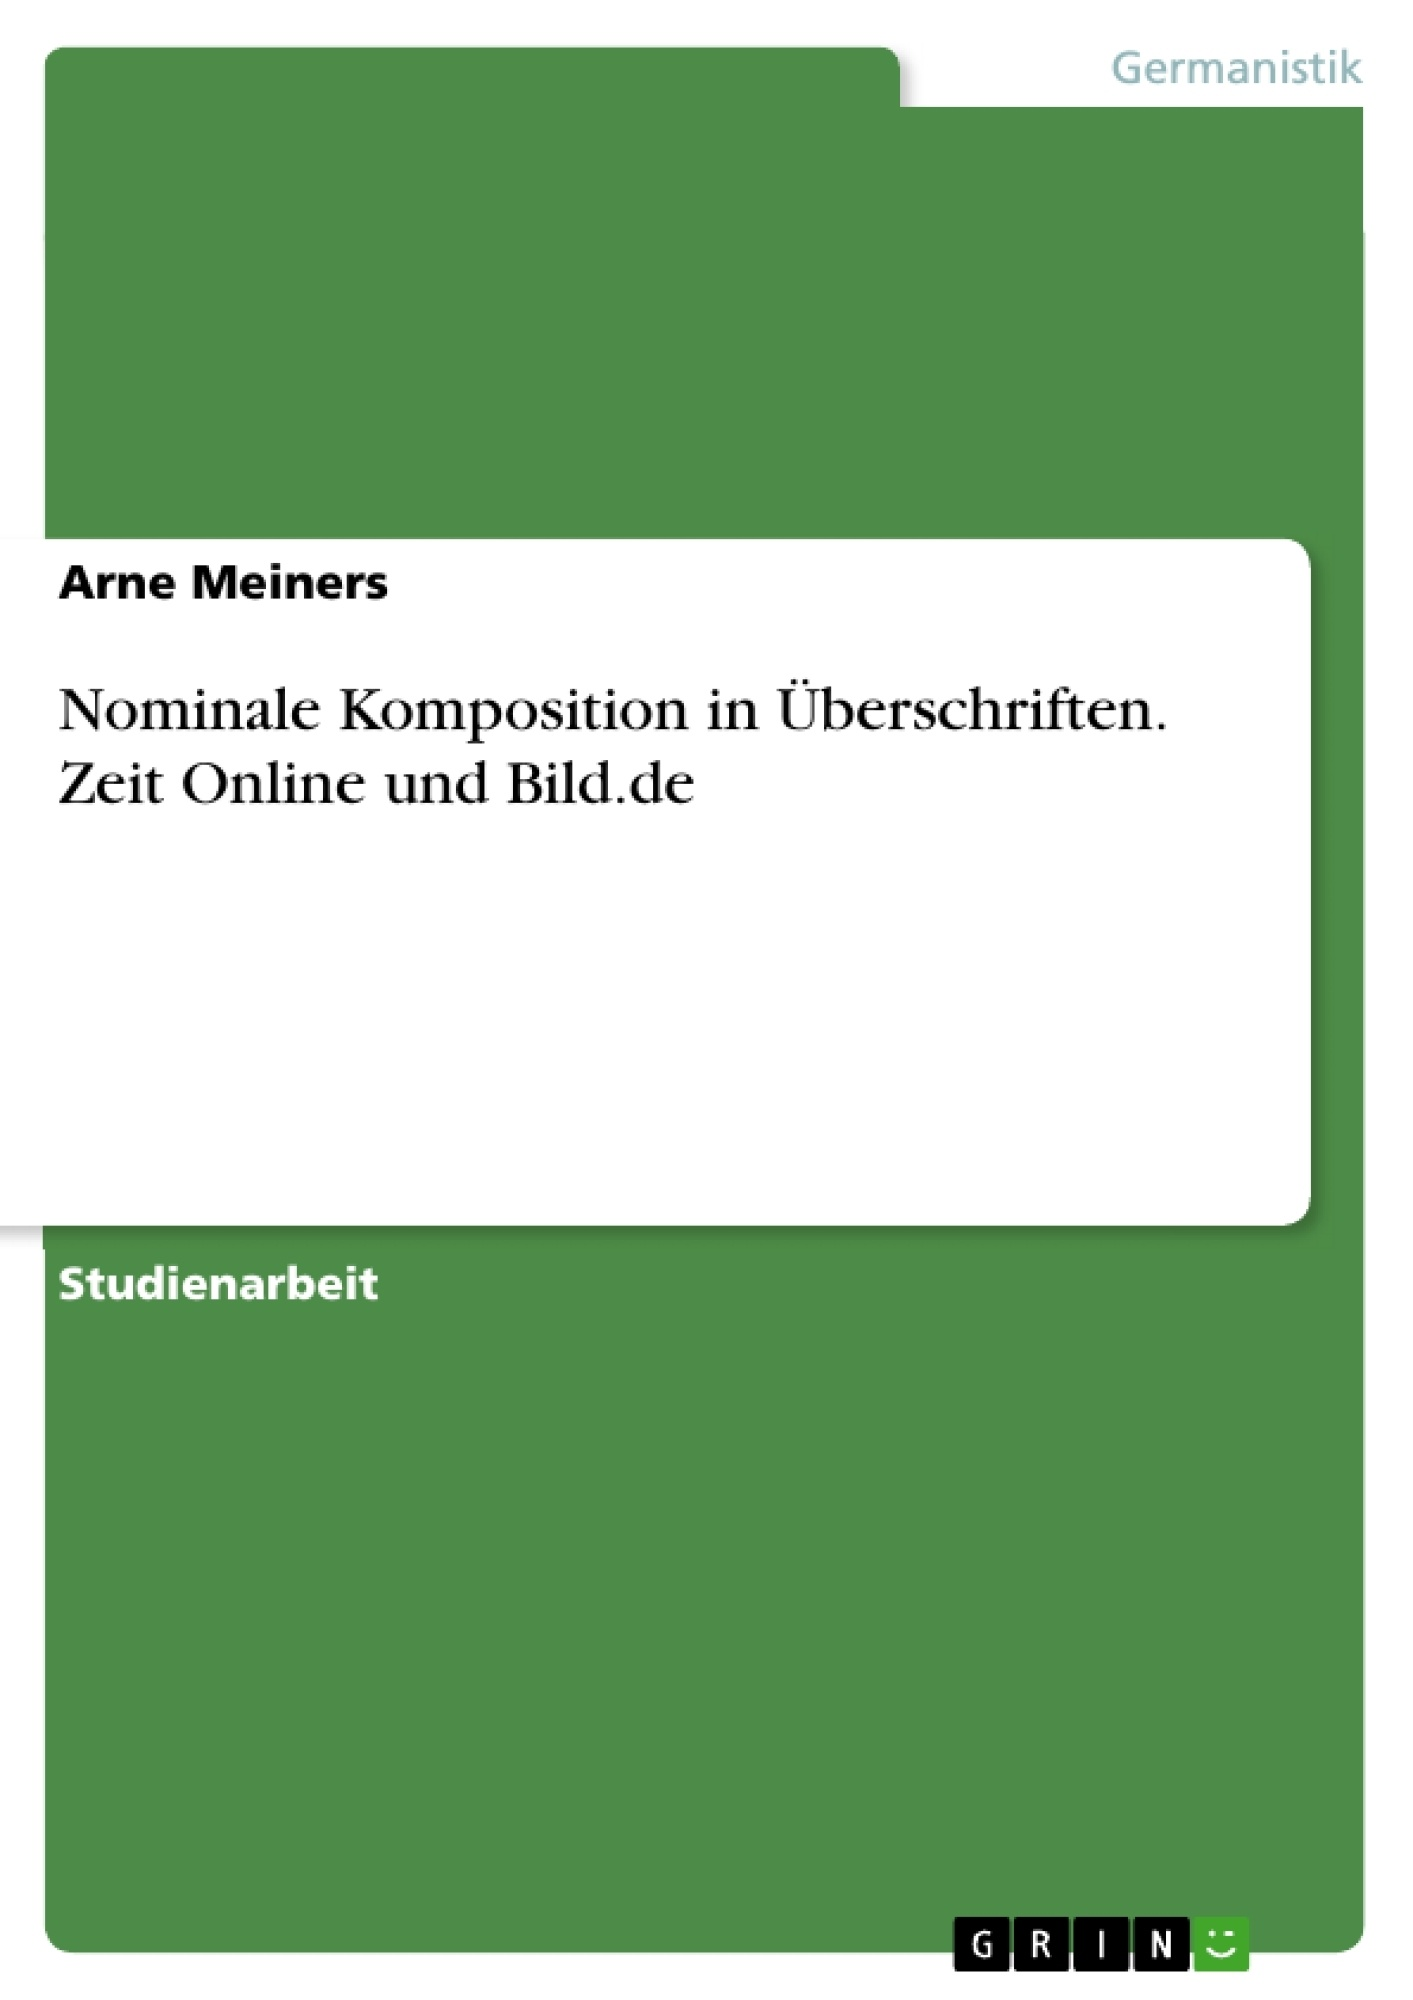 Titel: Nominale Komposition in Überschriften. Zeit Online und Bild.de